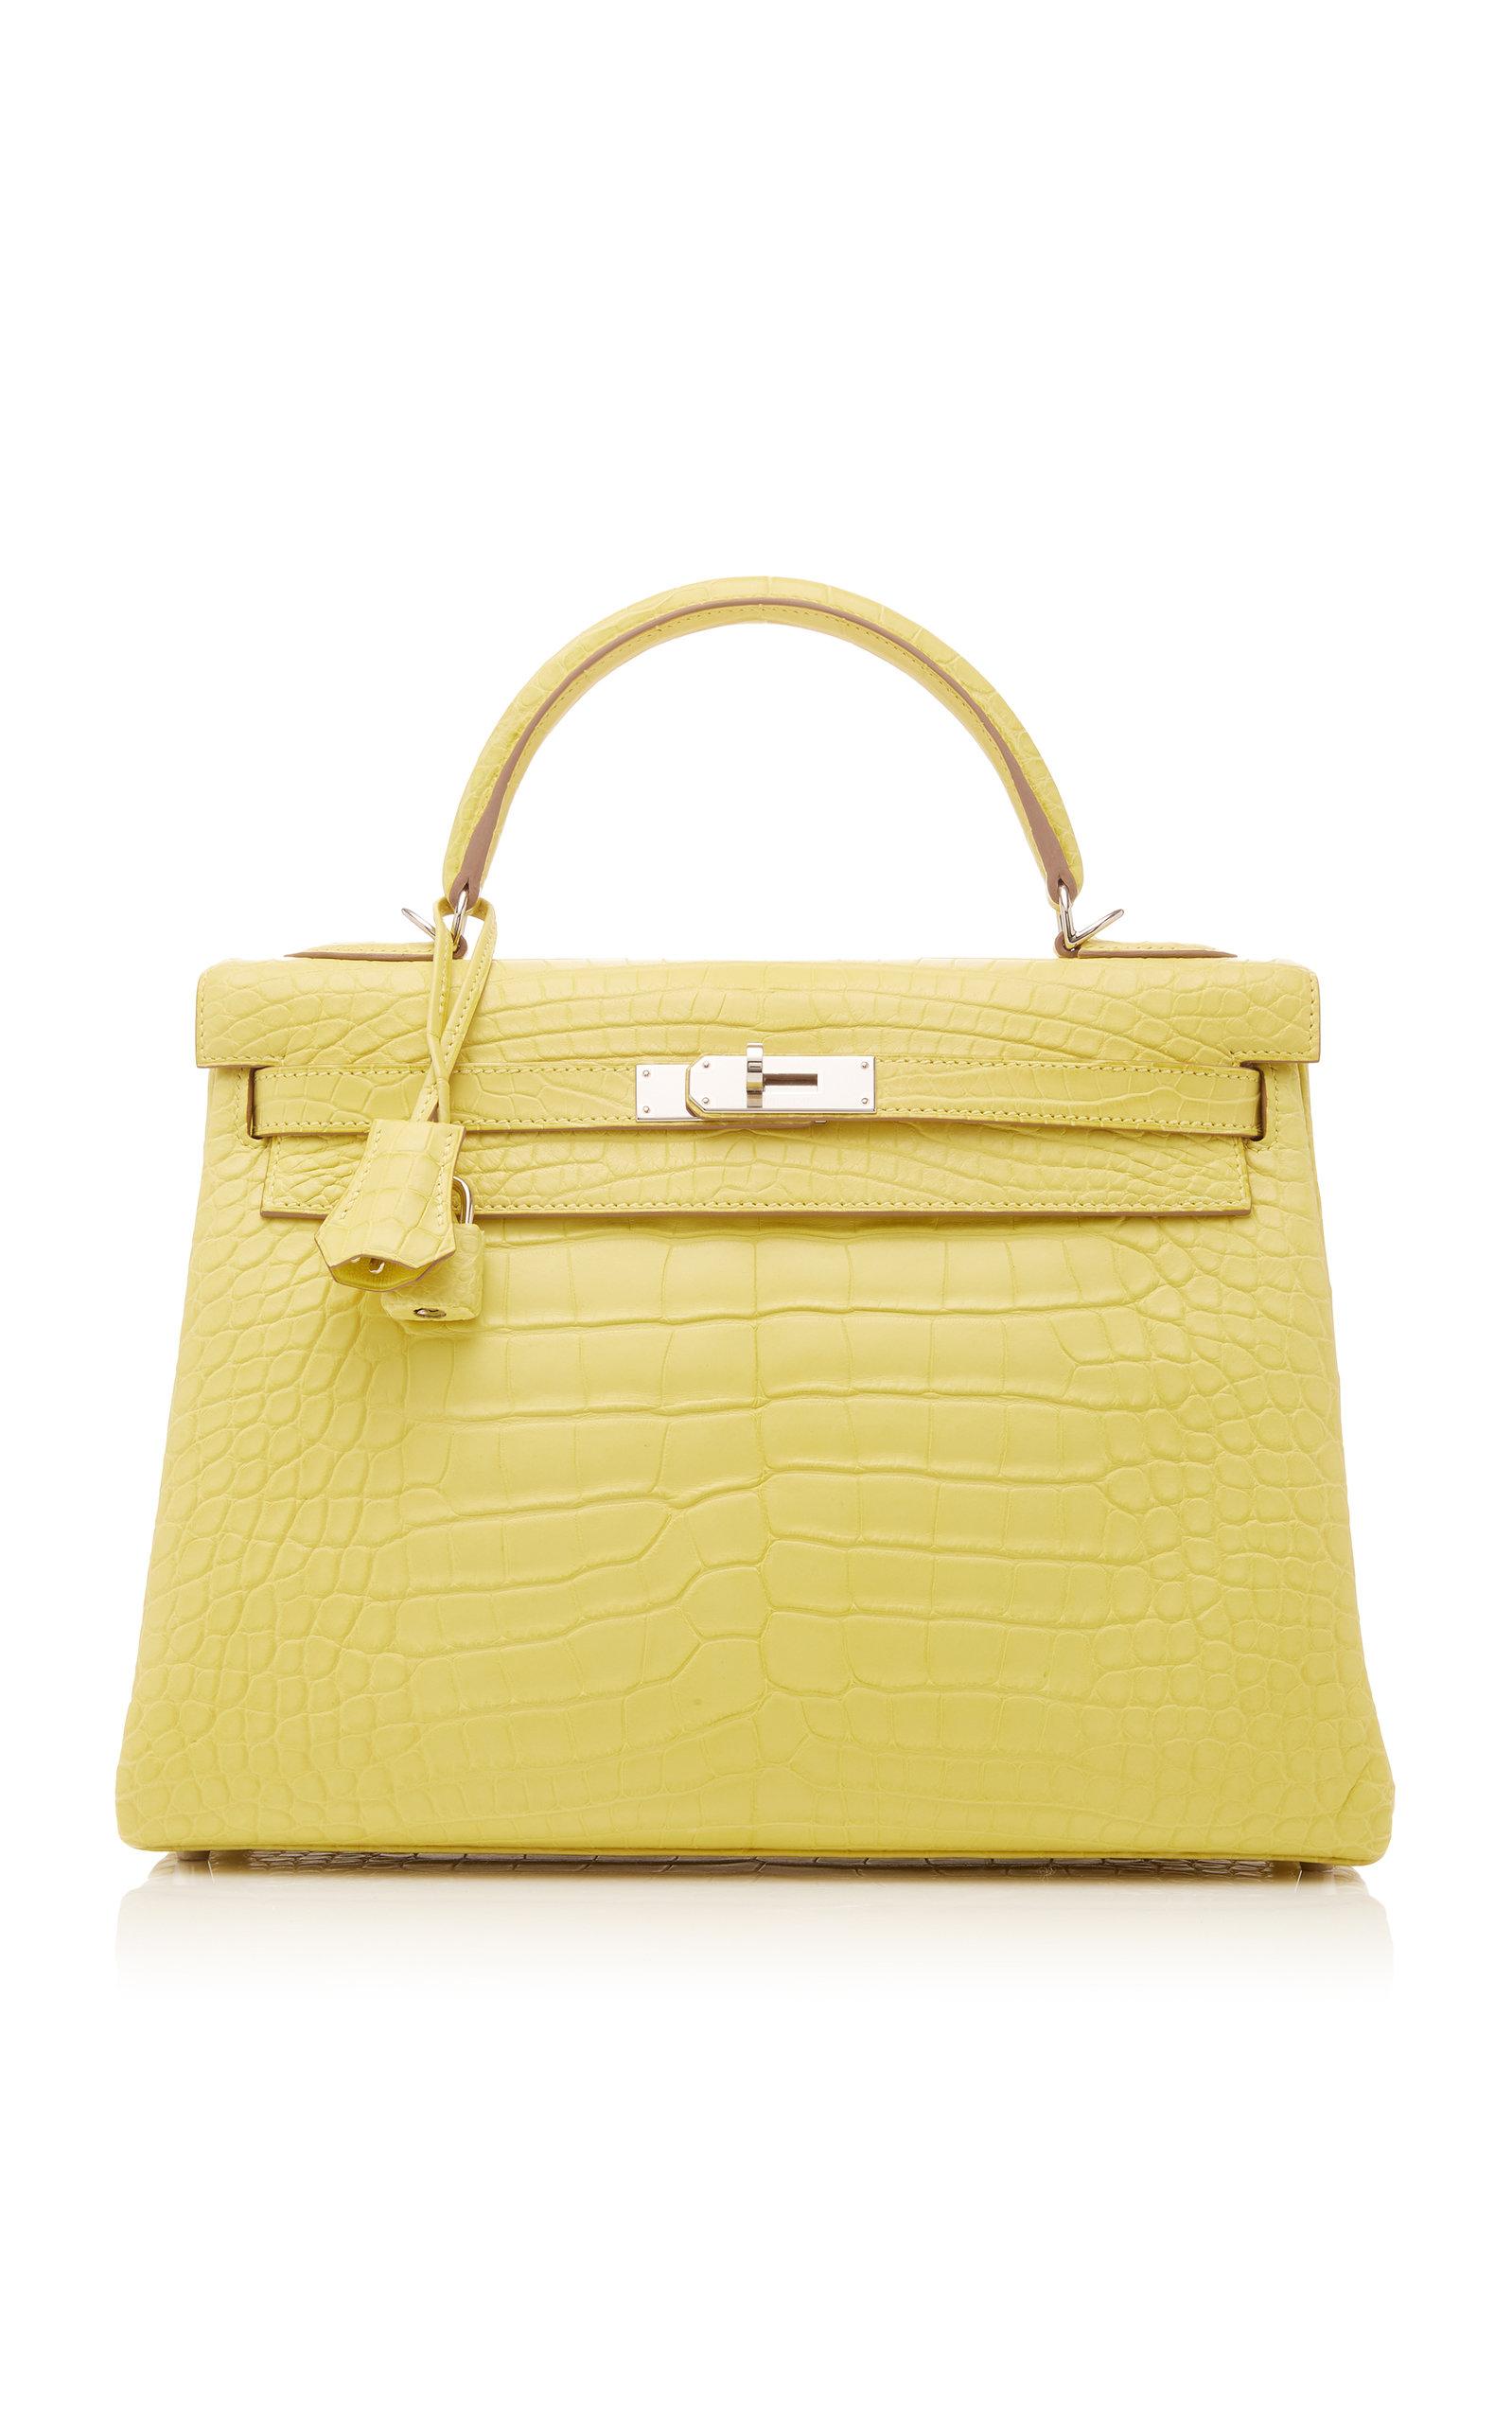 c87f4d9fd0 Hermes VintageHermes 32cm Lime Matte Alligator Kelly Bag. CLOSE. Loading